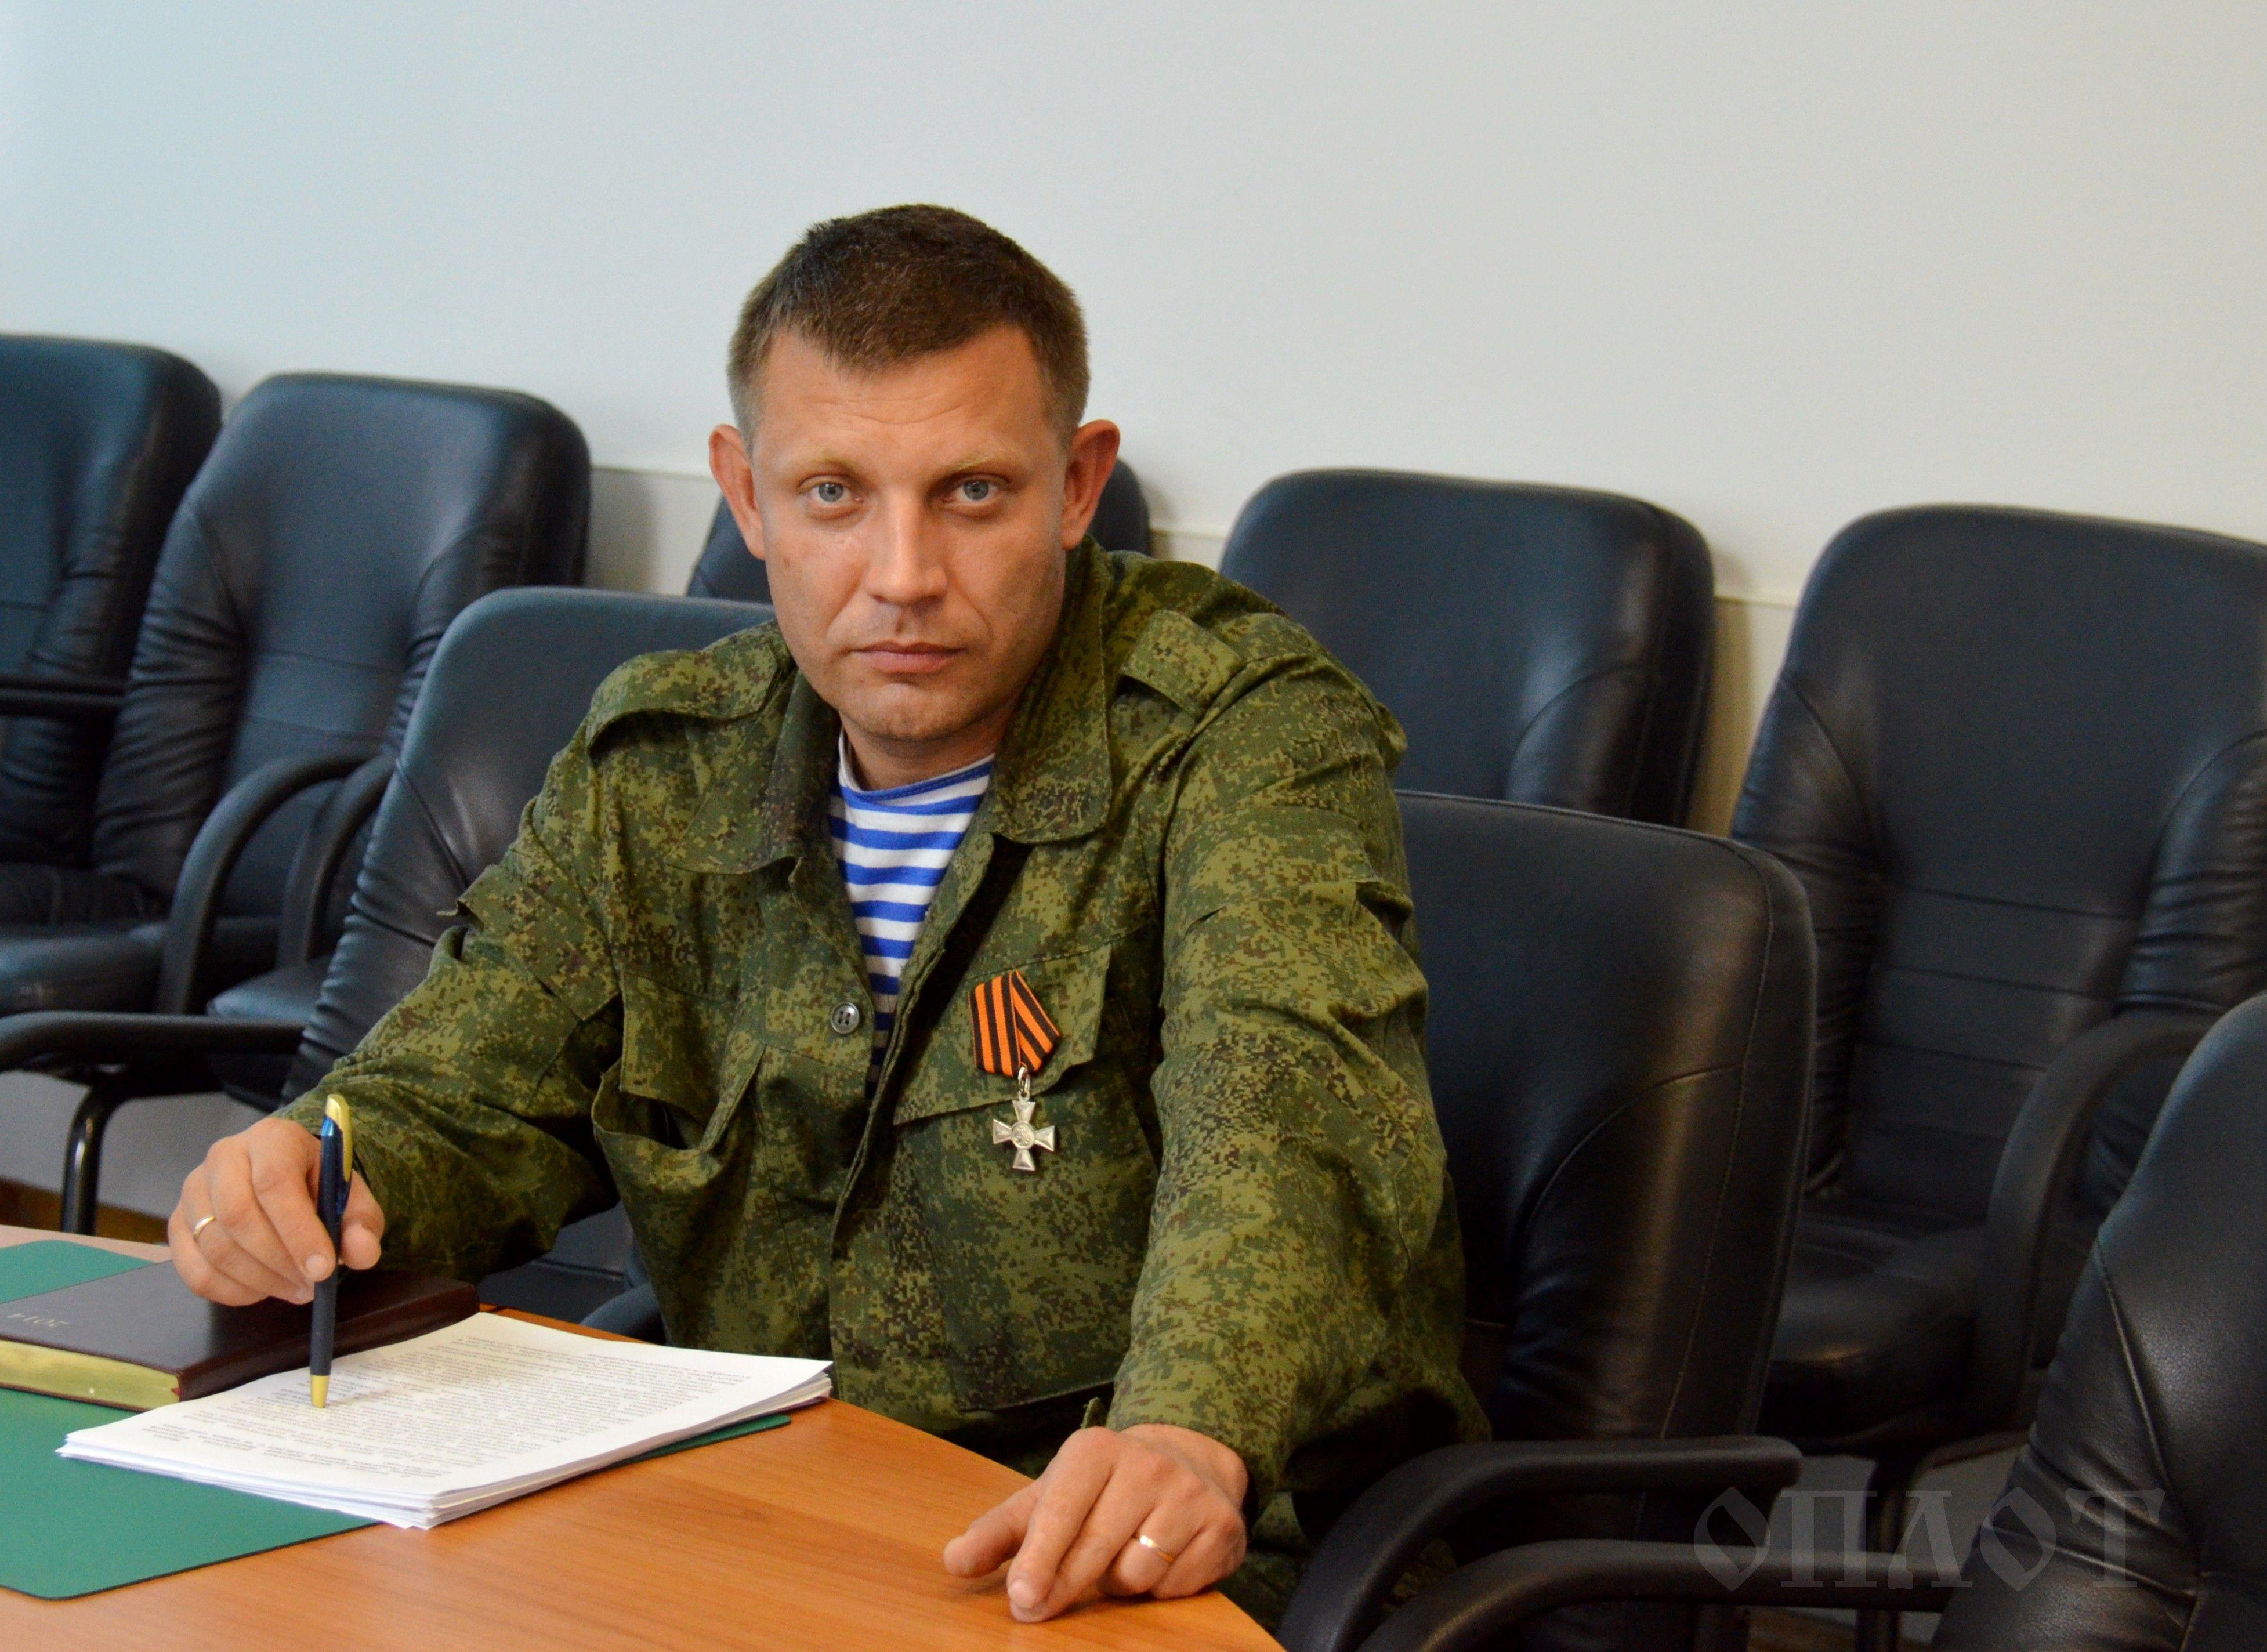 Захарченко убитий / oplot.info